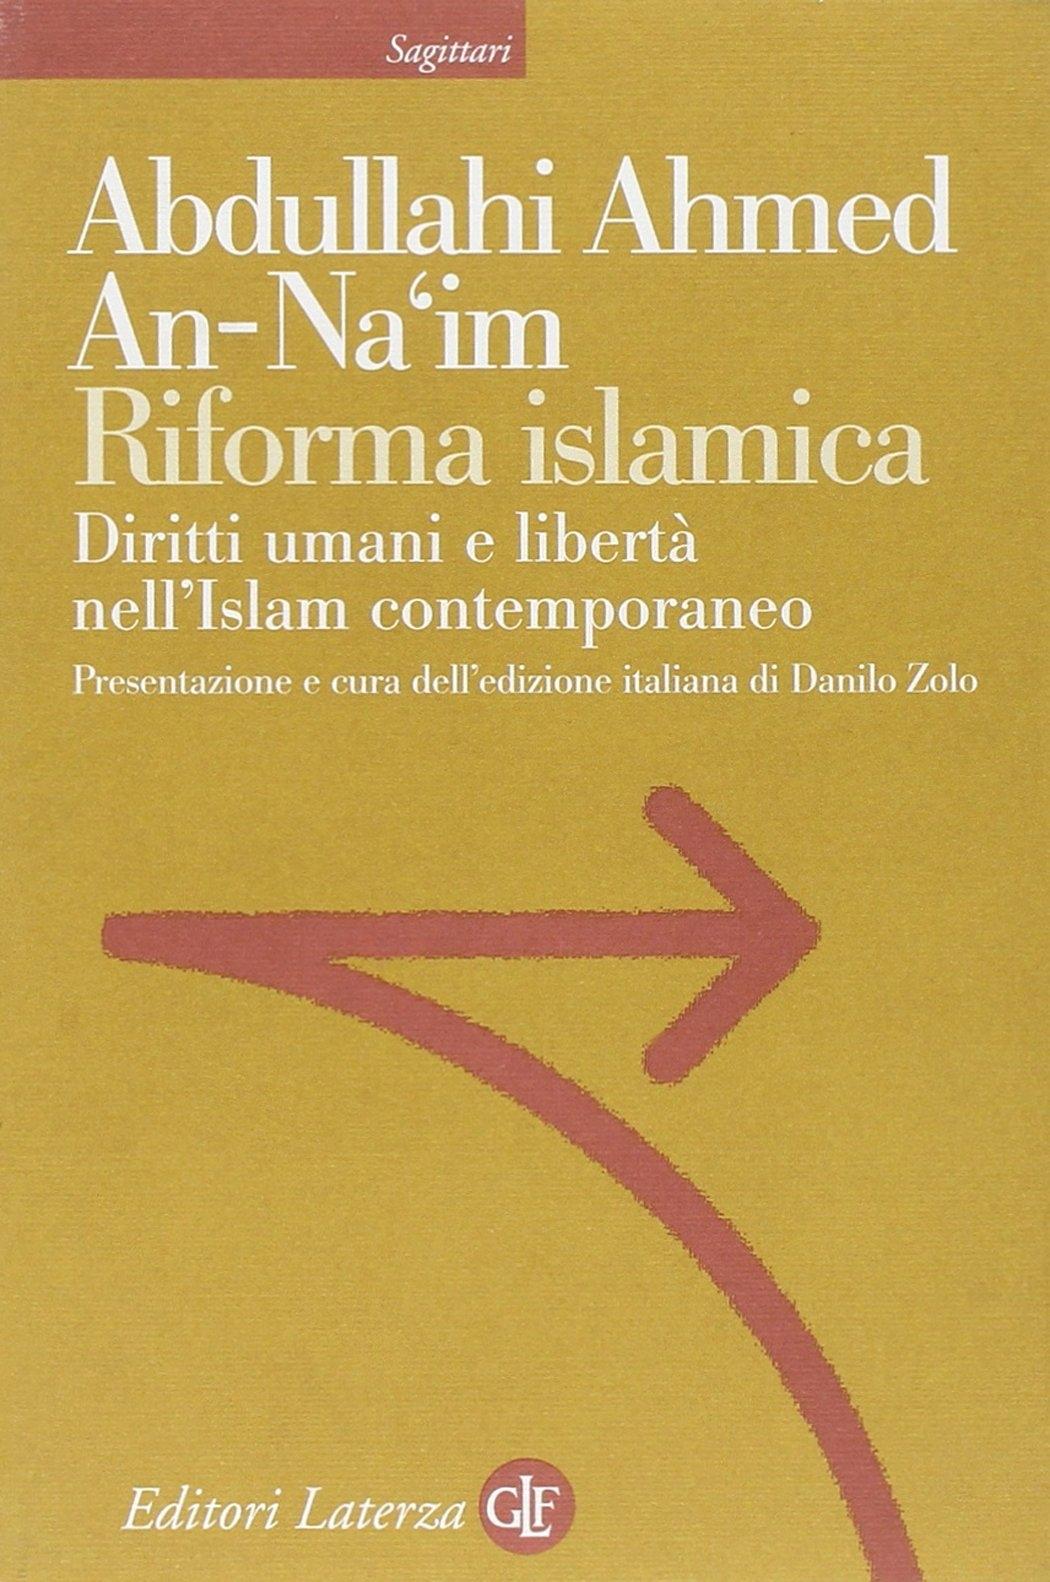 Riforma islamica. Diritti umani e libertà nell'Islam contemporaneo